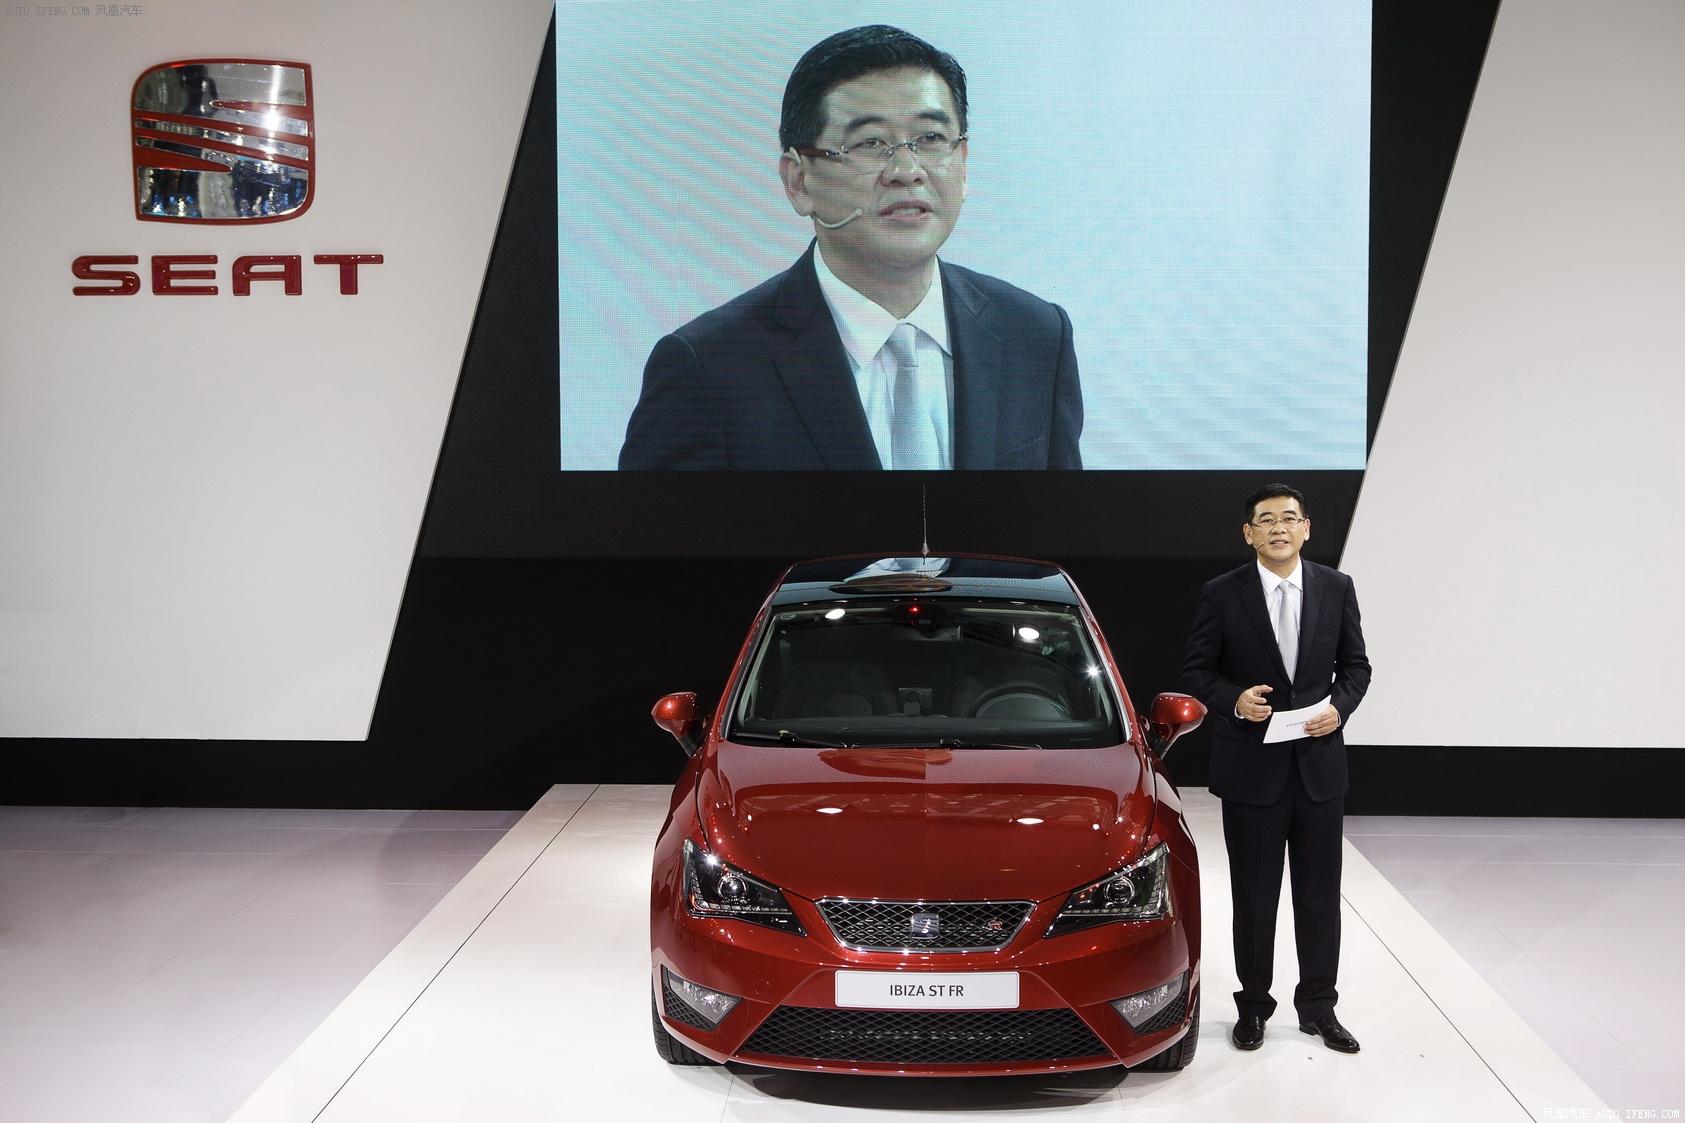 IBIZA将于2013年进入中国市场